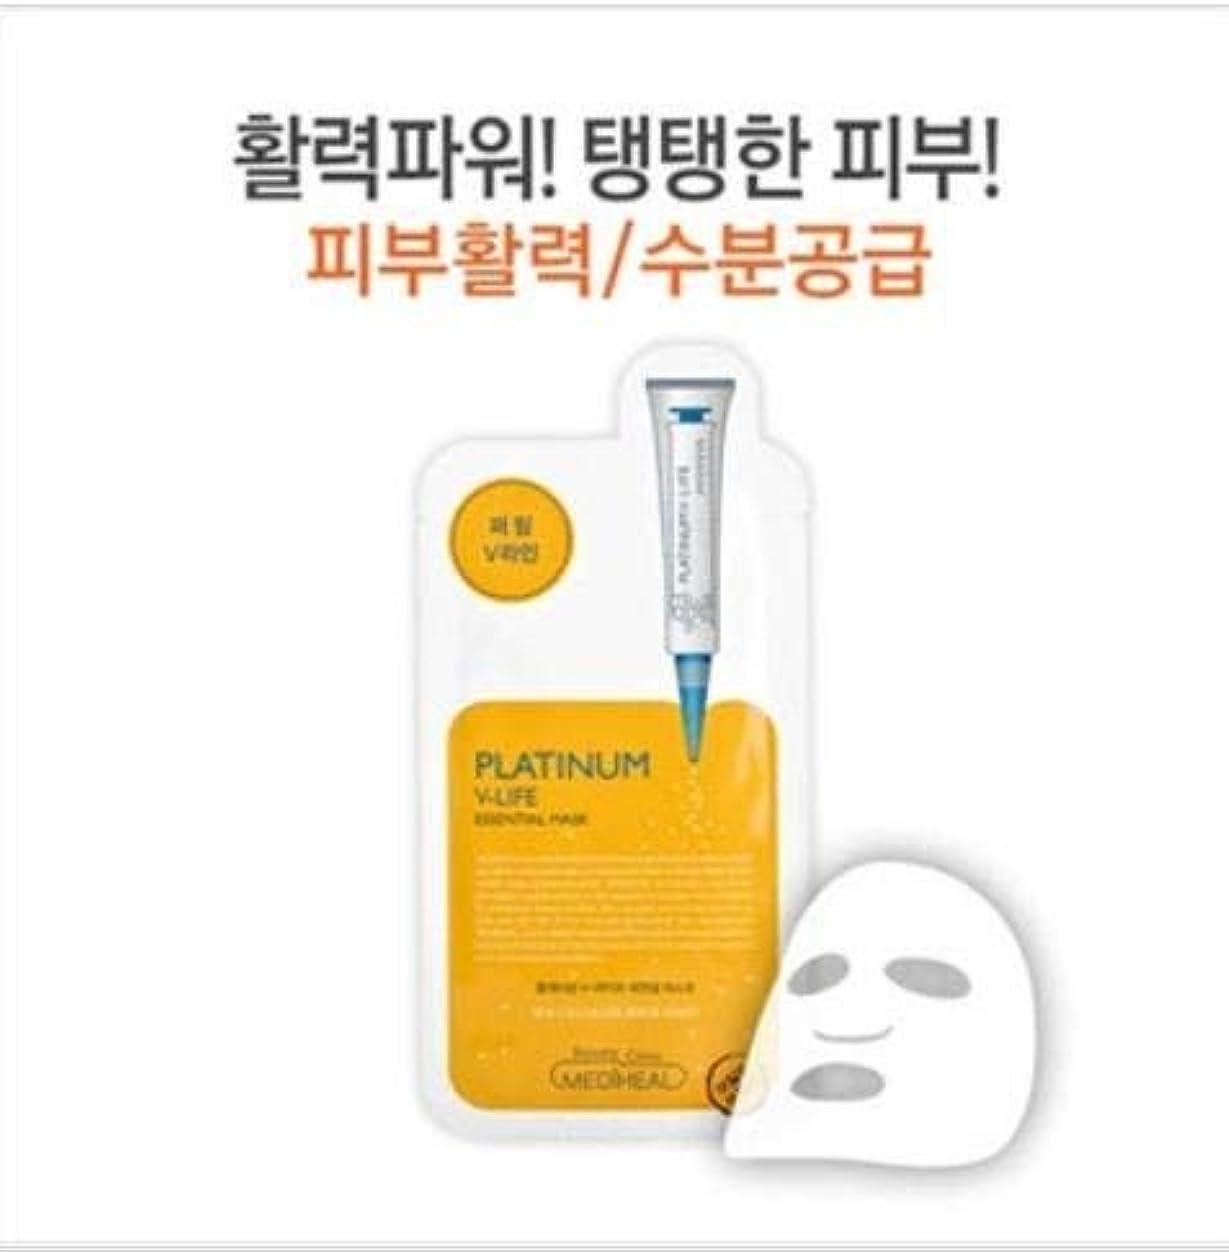 口実数学おばさん★大人気★[メディヒール] Mediheal [プラチナ V-ライフ エッセンシャル マスク (10枚)] (Platinum V-LIFE Essential Mask (10EA) [並行輸入品]